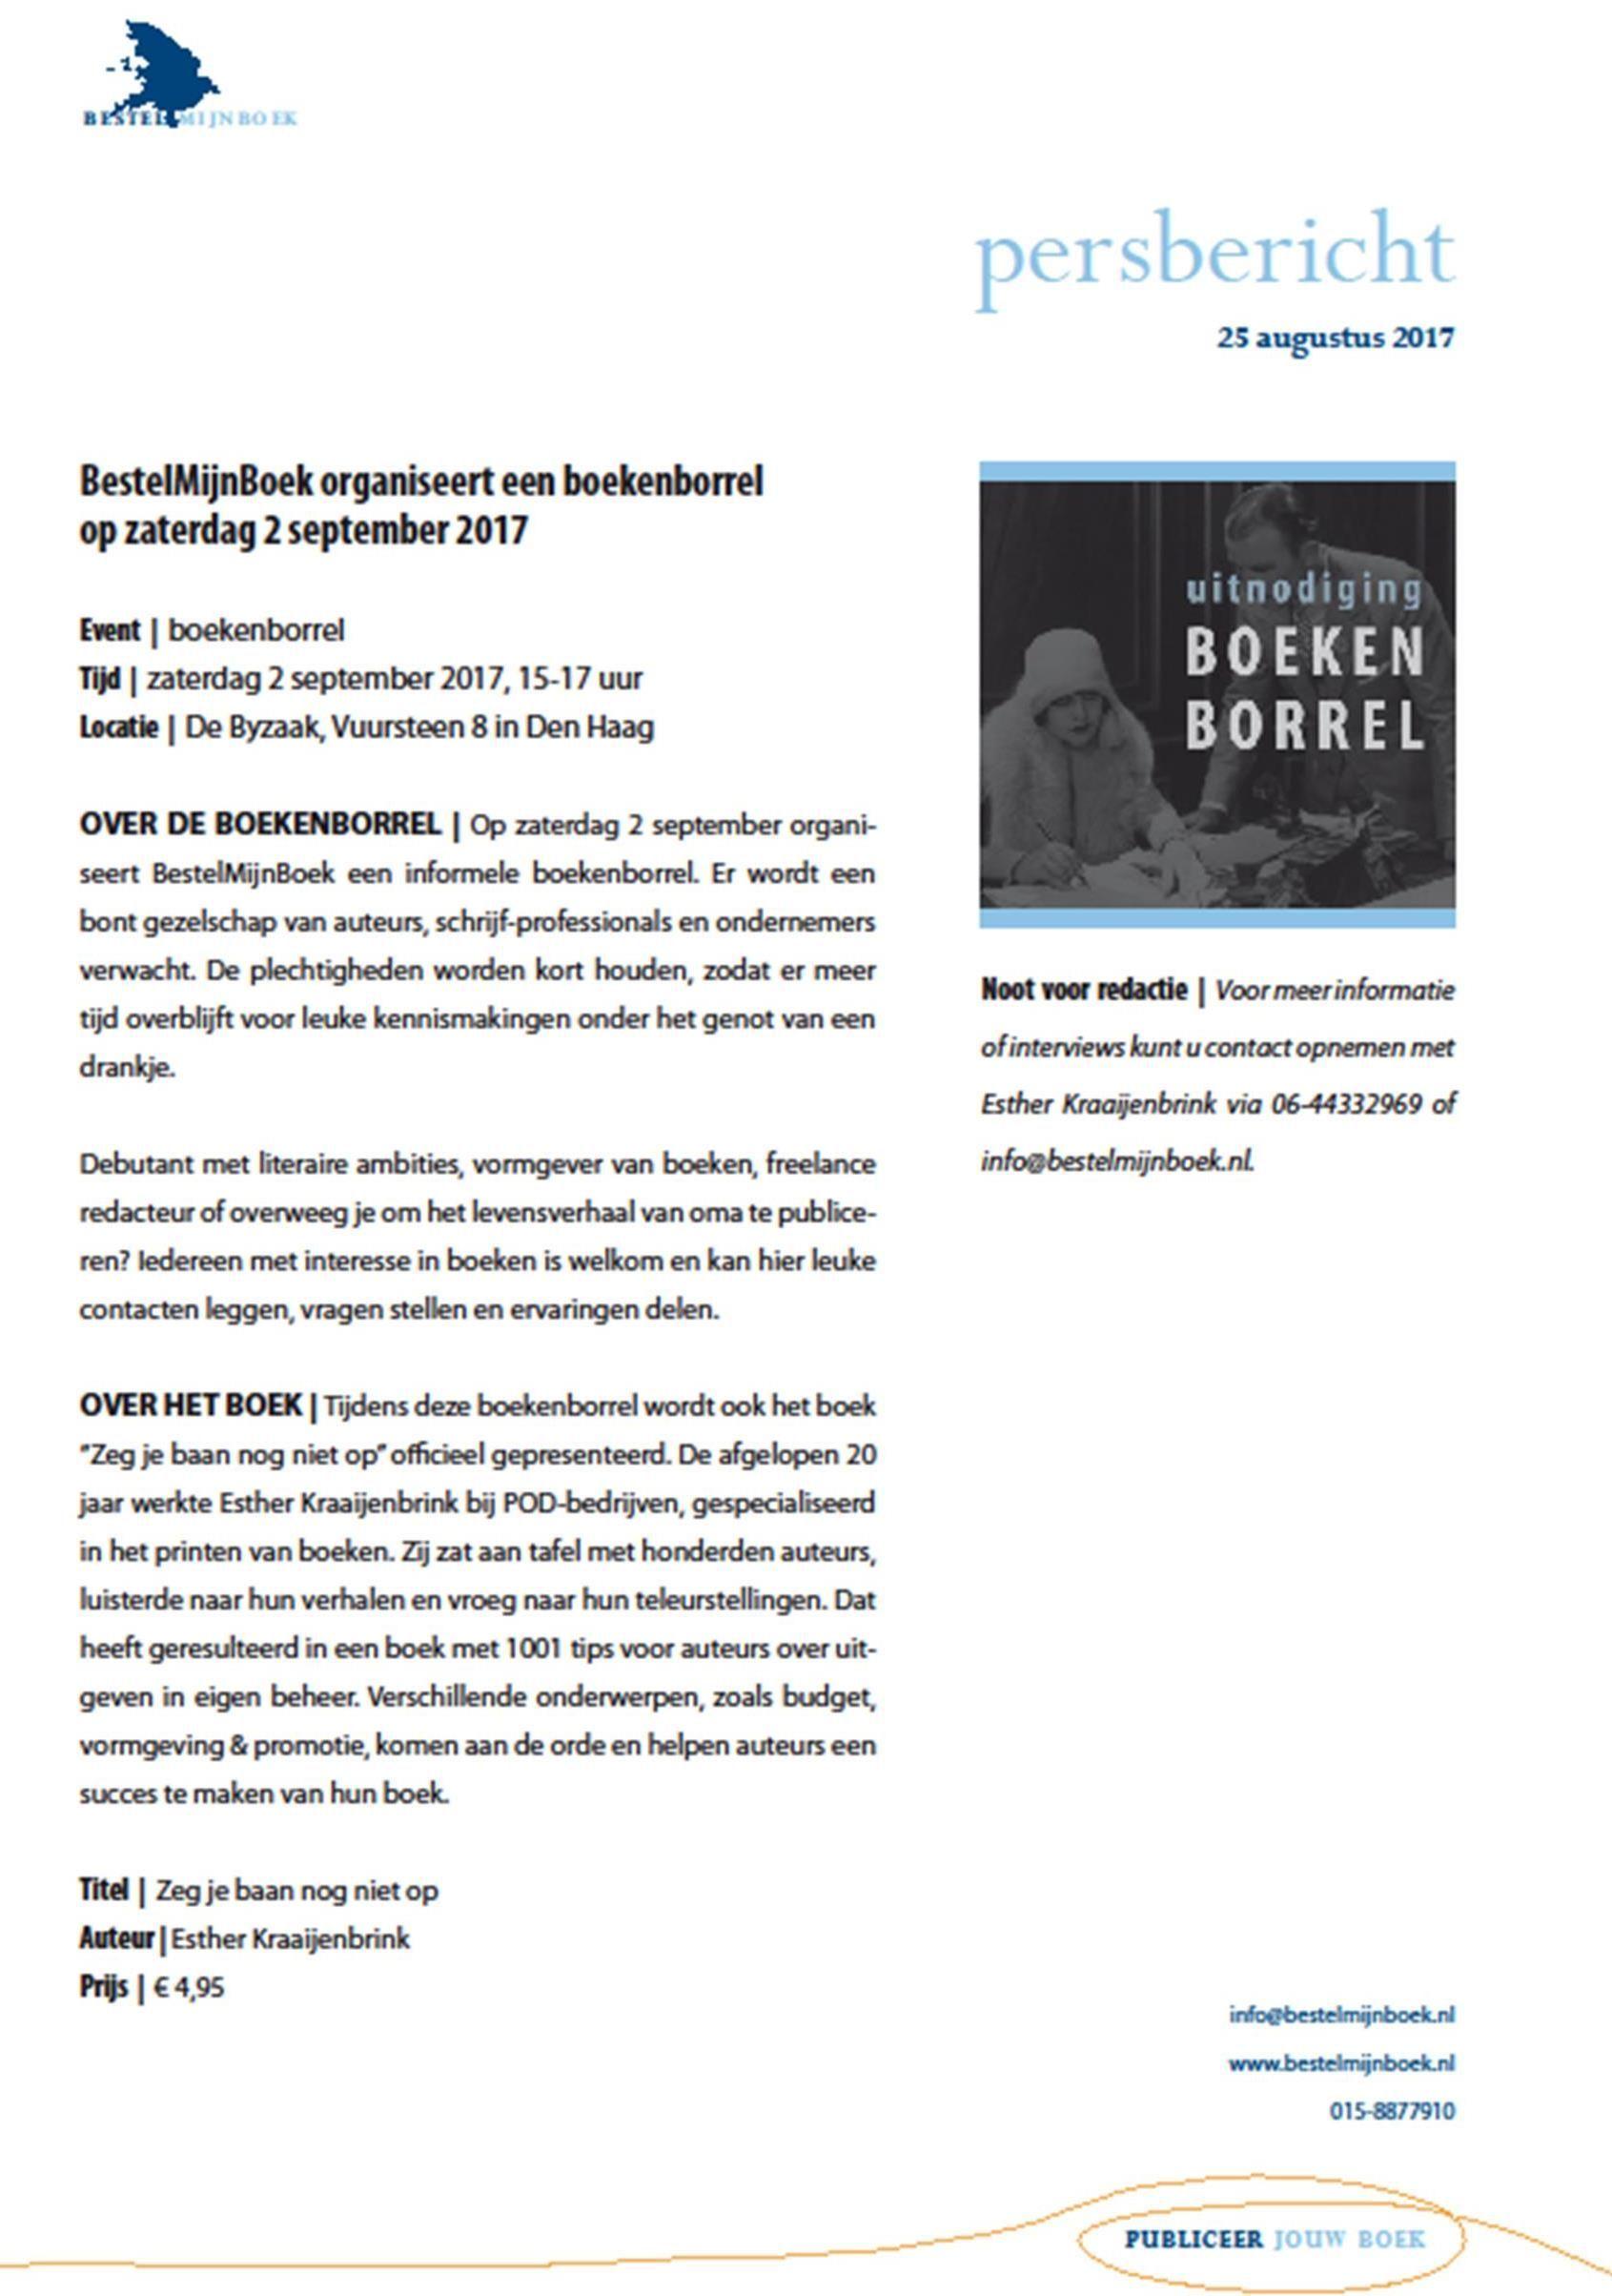 persbericht-bestelmijnboek-organiseert-een-boekenborrel